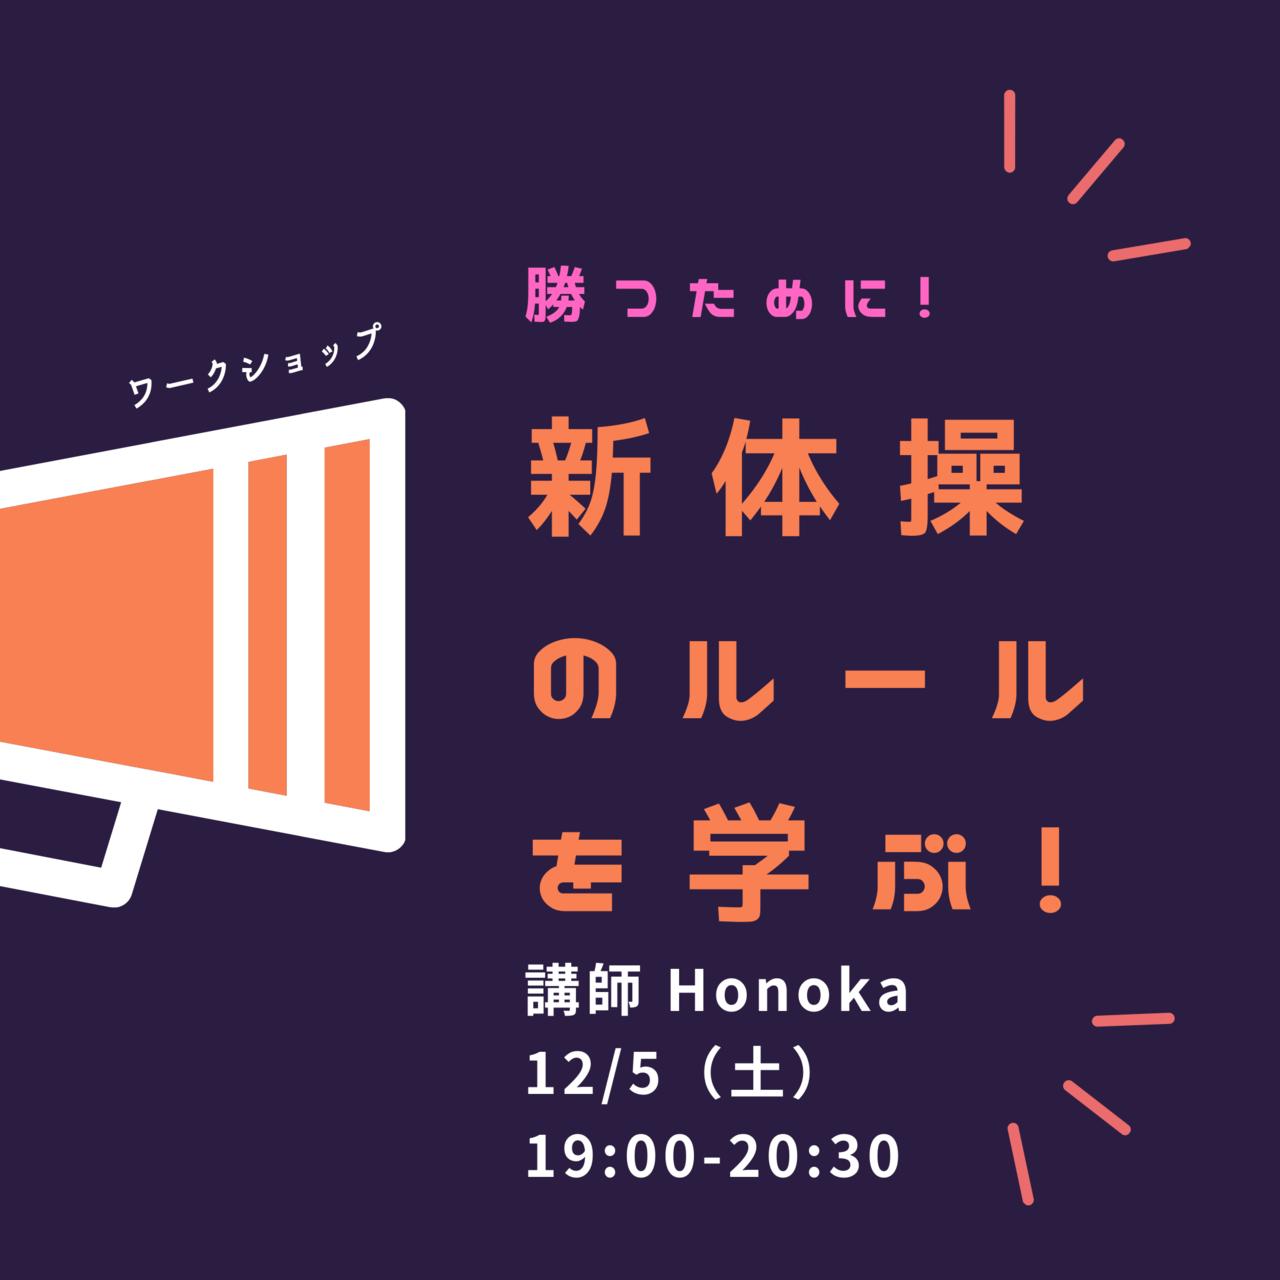 ワークショップ「新体操のルールを学ぶ!指導者・審判がわかりやすく解説!」 / Honoka